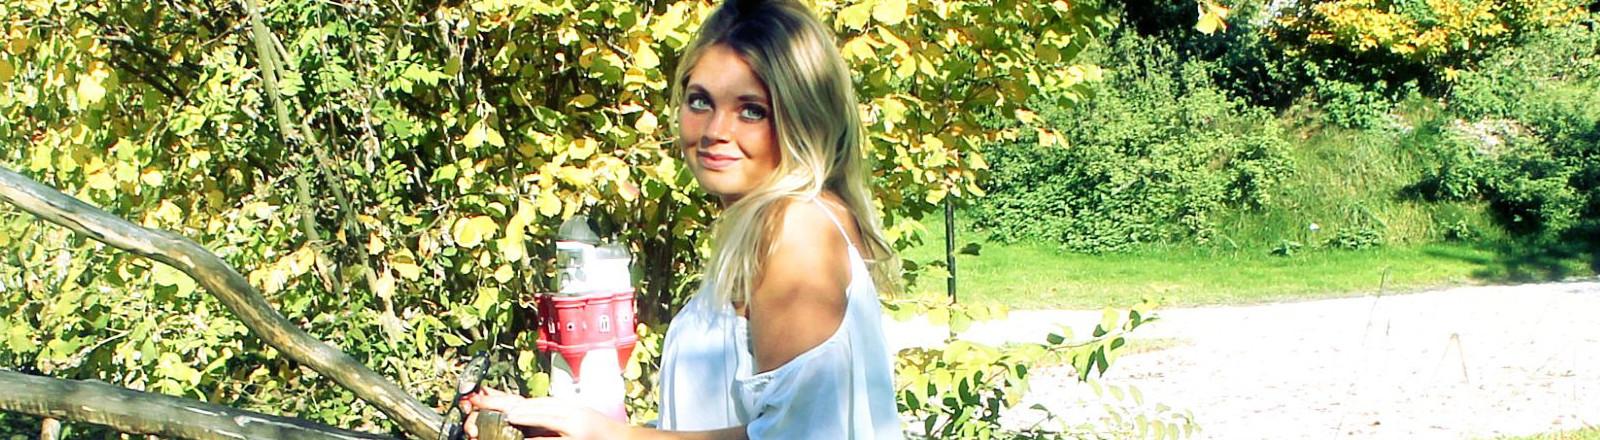 Junge blonde Frau in einem Park